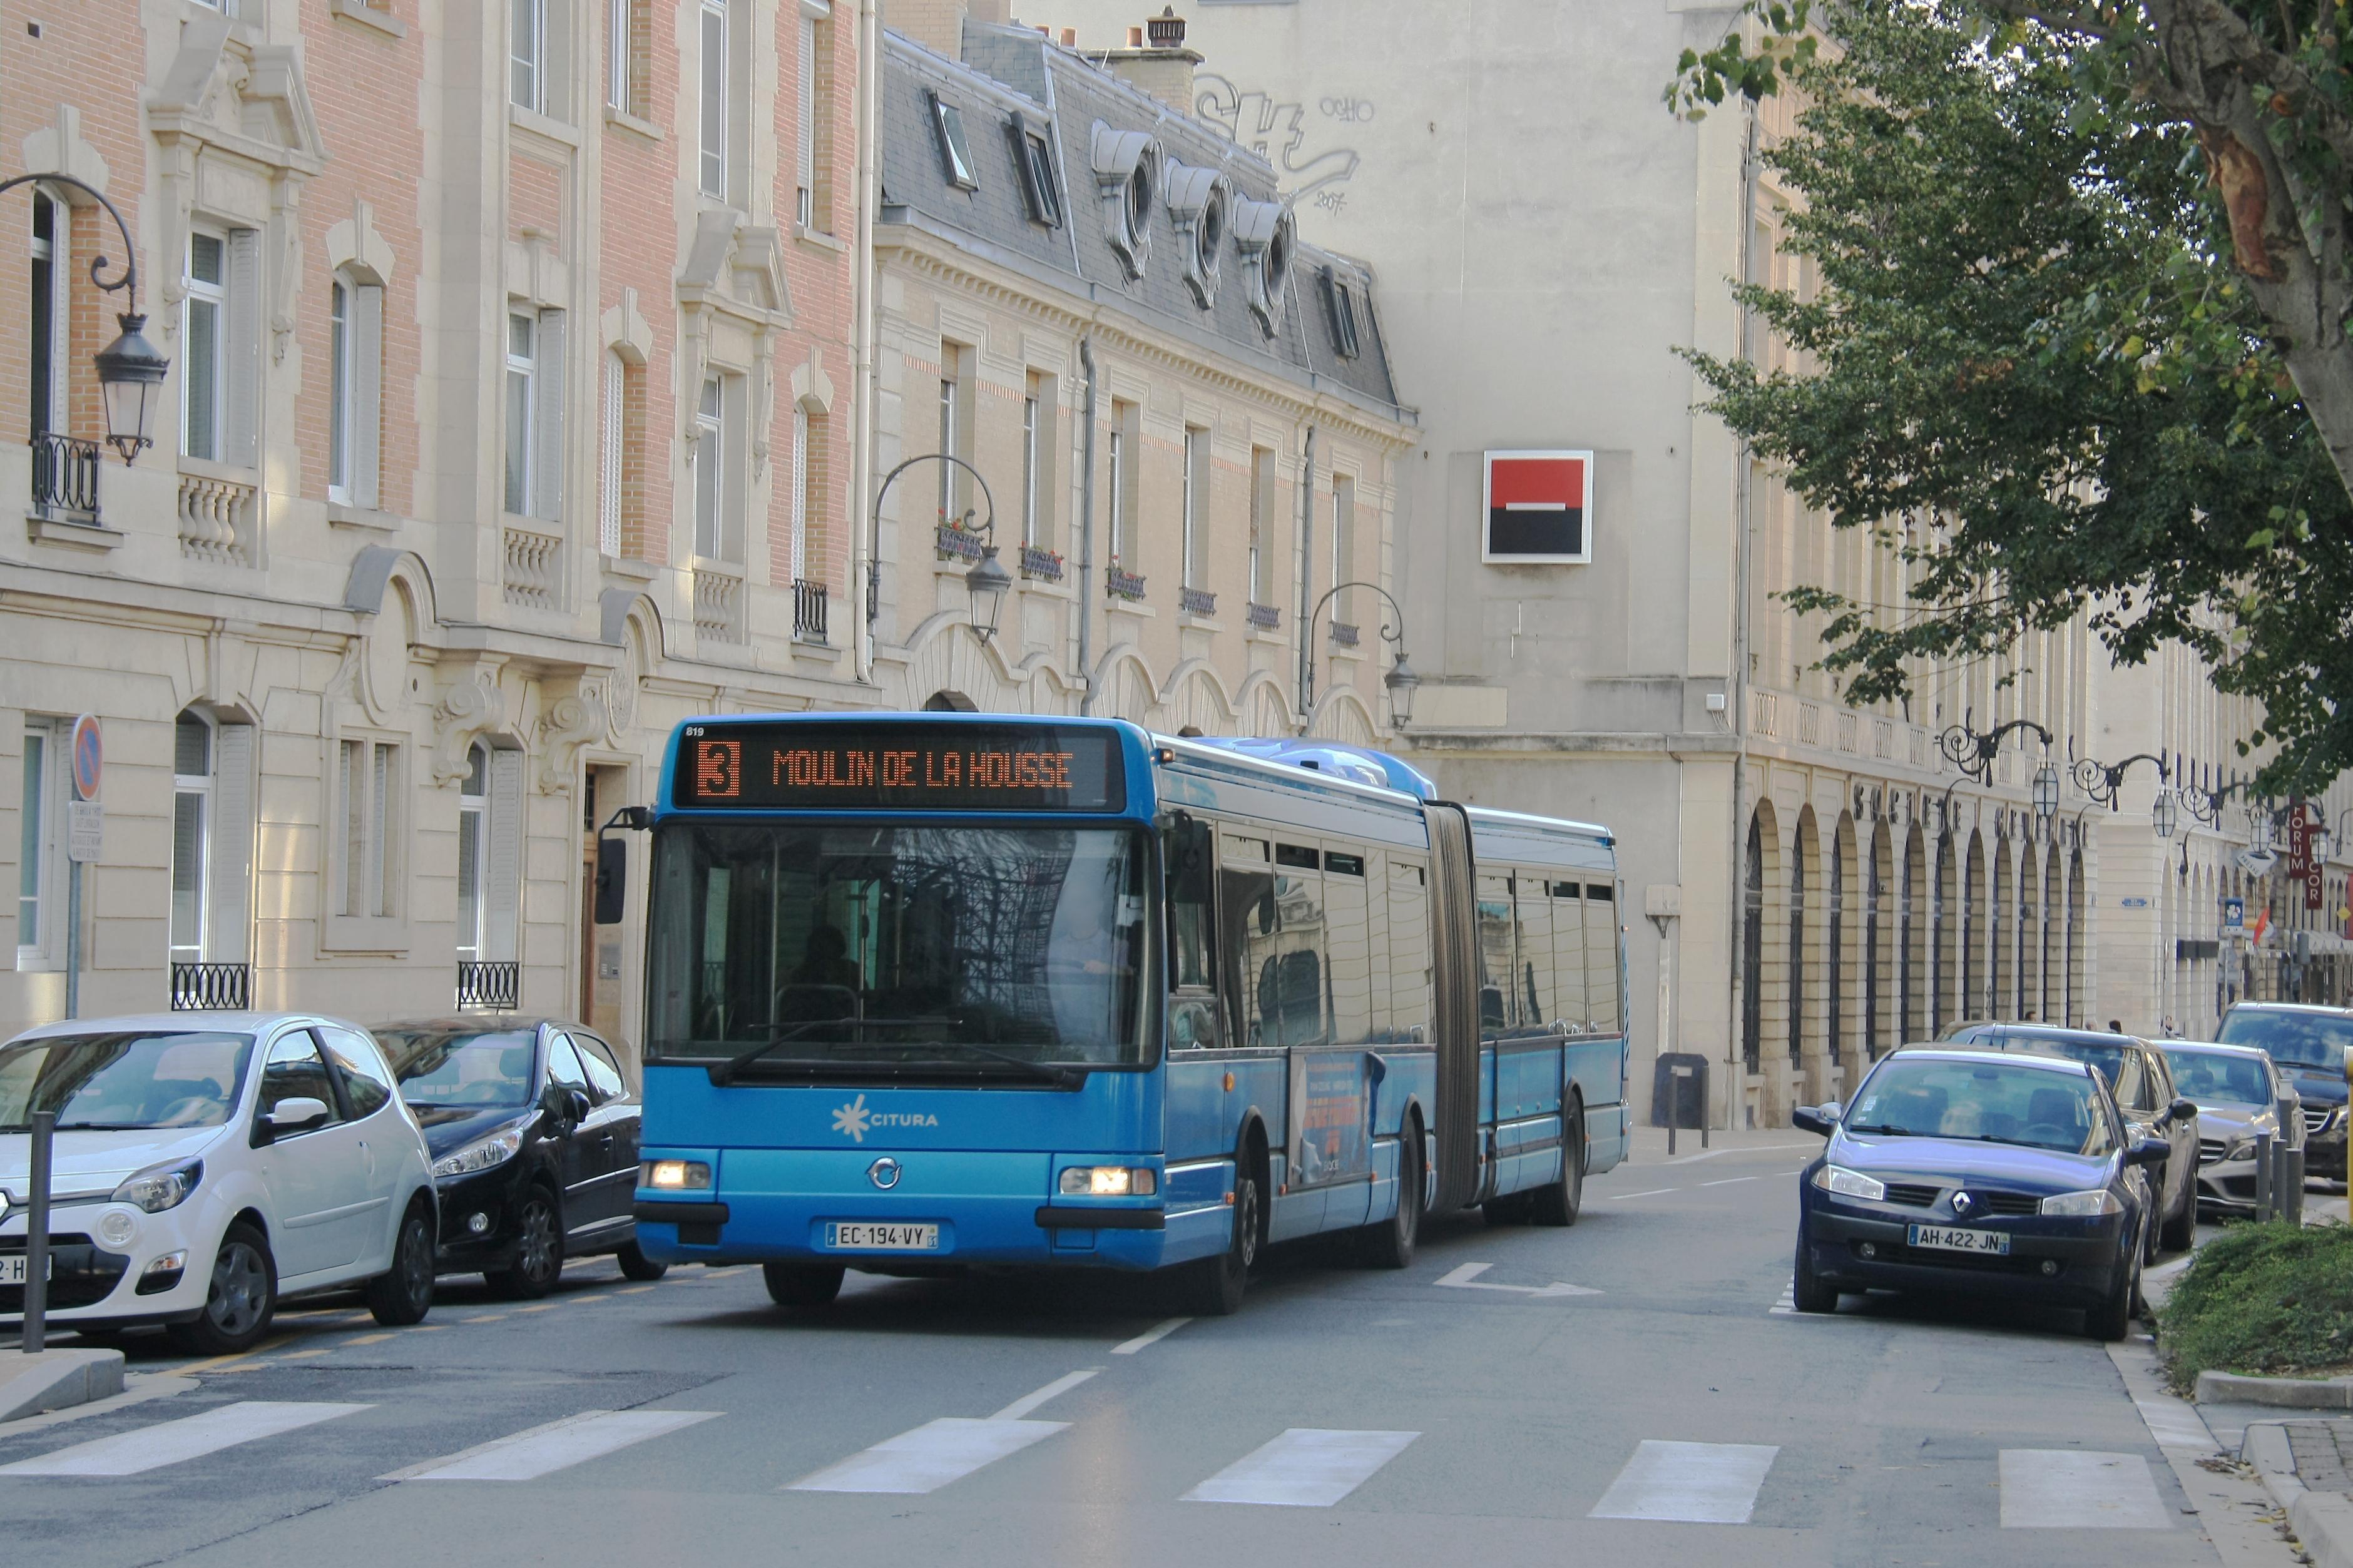 Citura - irisbus agora l n°819 - ligne 3 photo